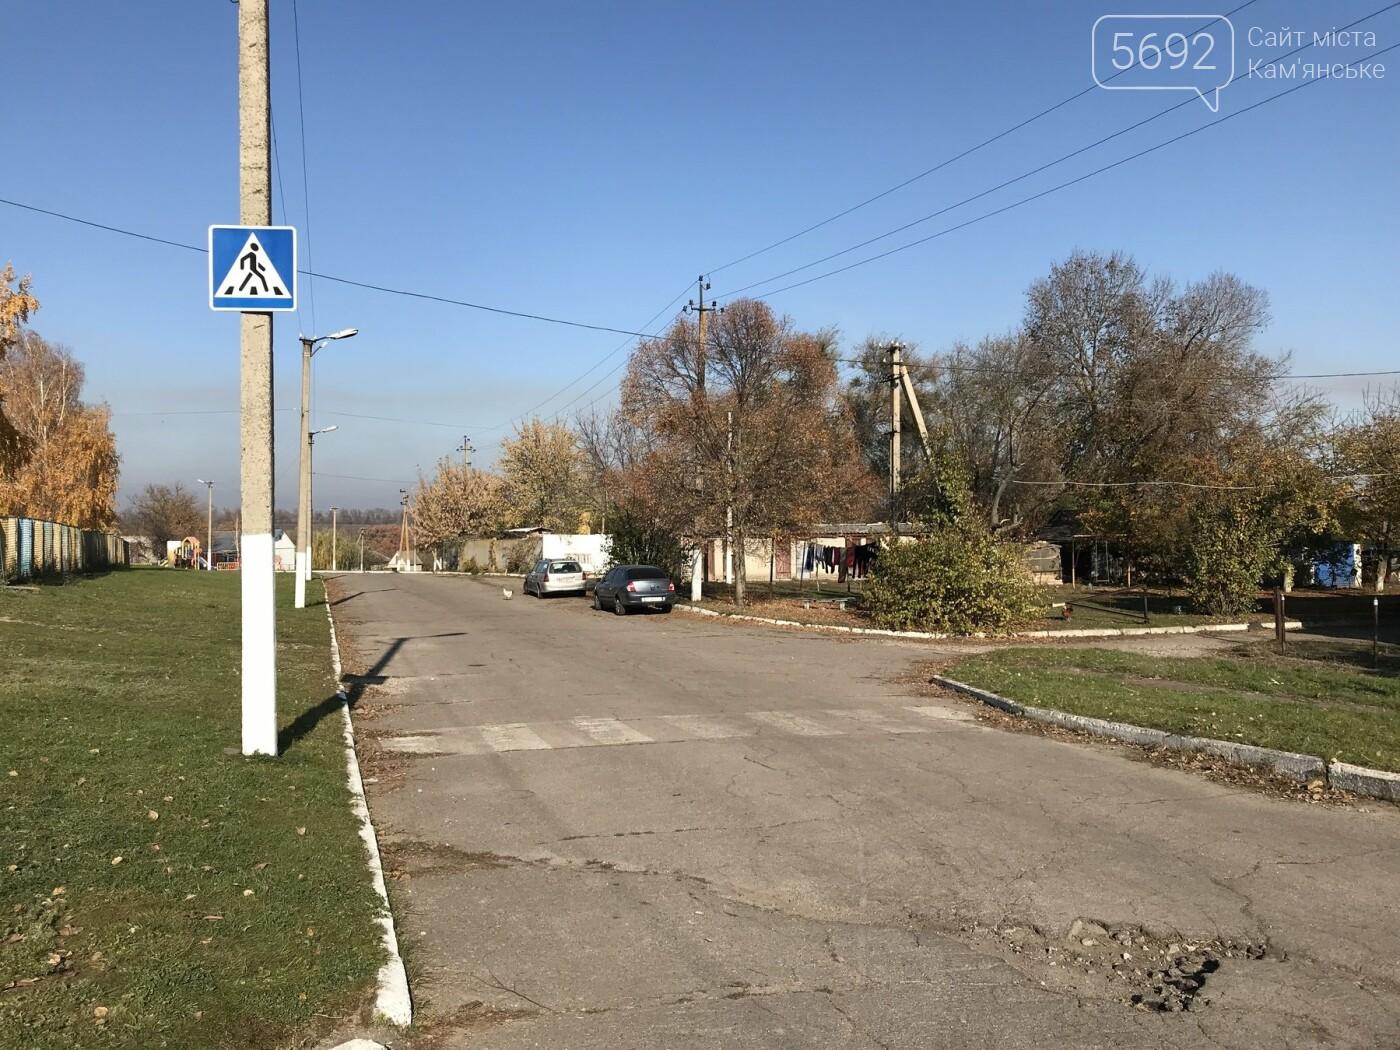 Что получит Каменское в случае присоединения: репортаж из Степового, фото-33